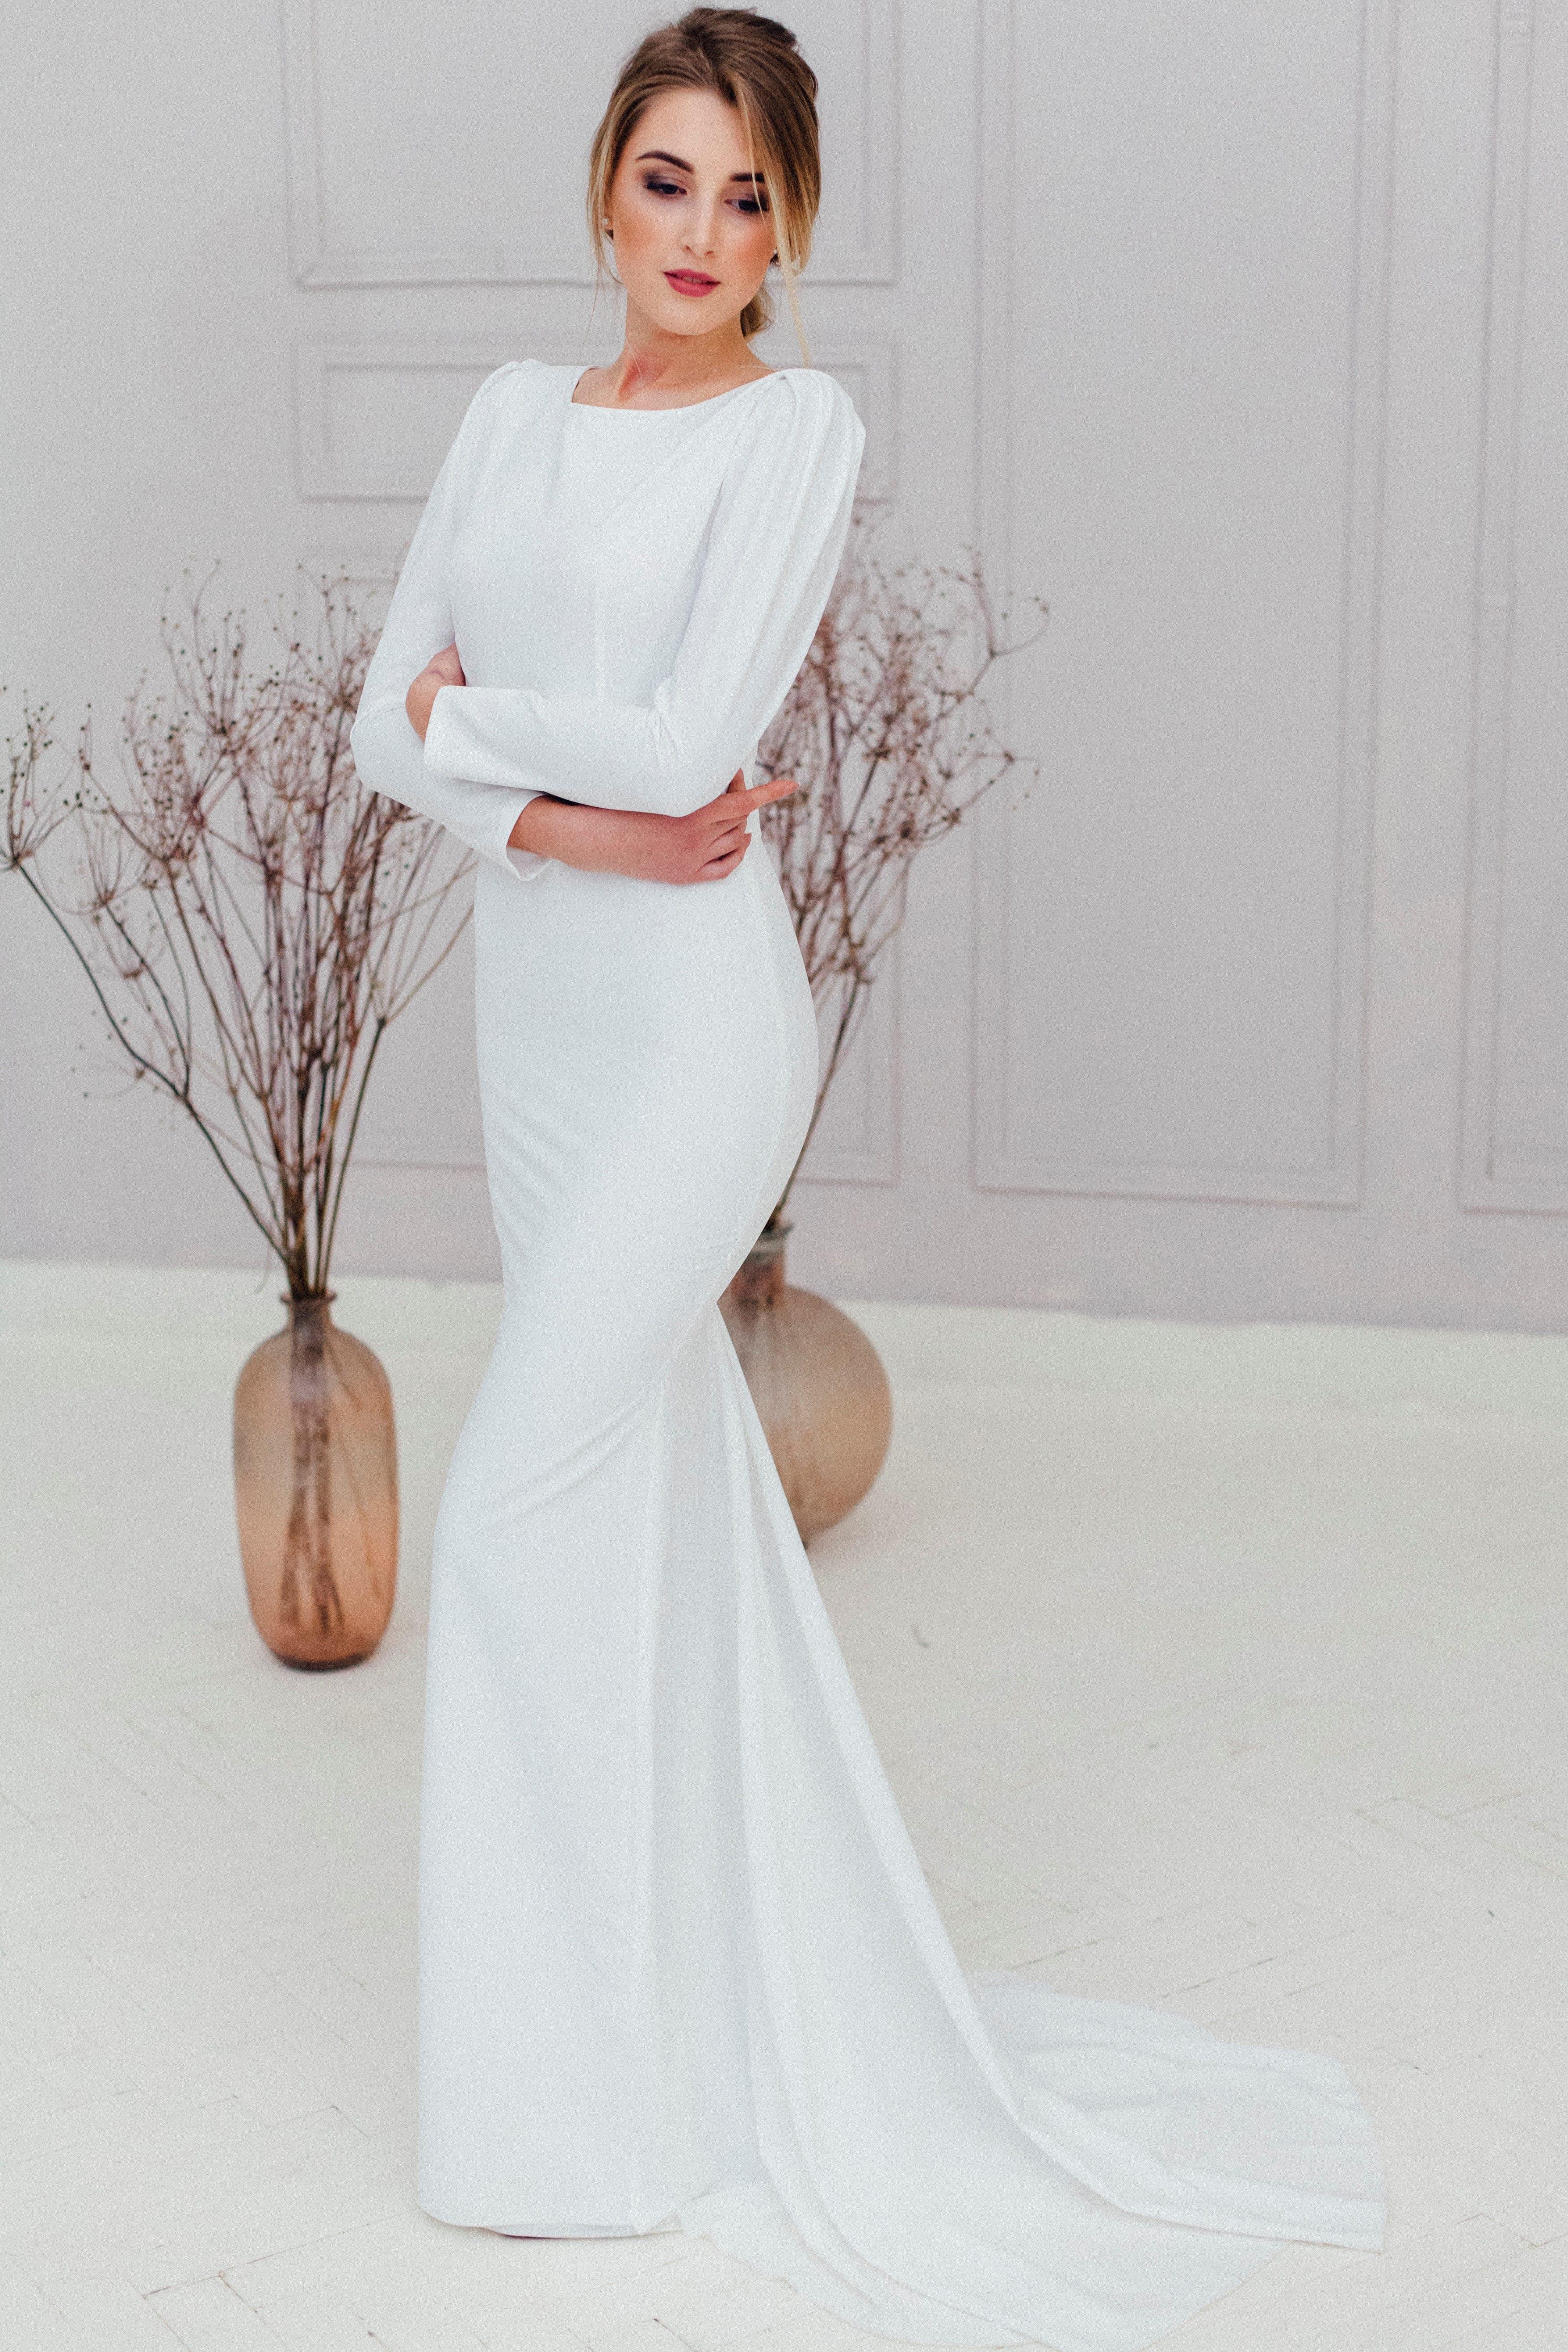 Свадебное платье MAY, коллекция REFINED ELEGANCE, бренд OKA NOMO, фото 1